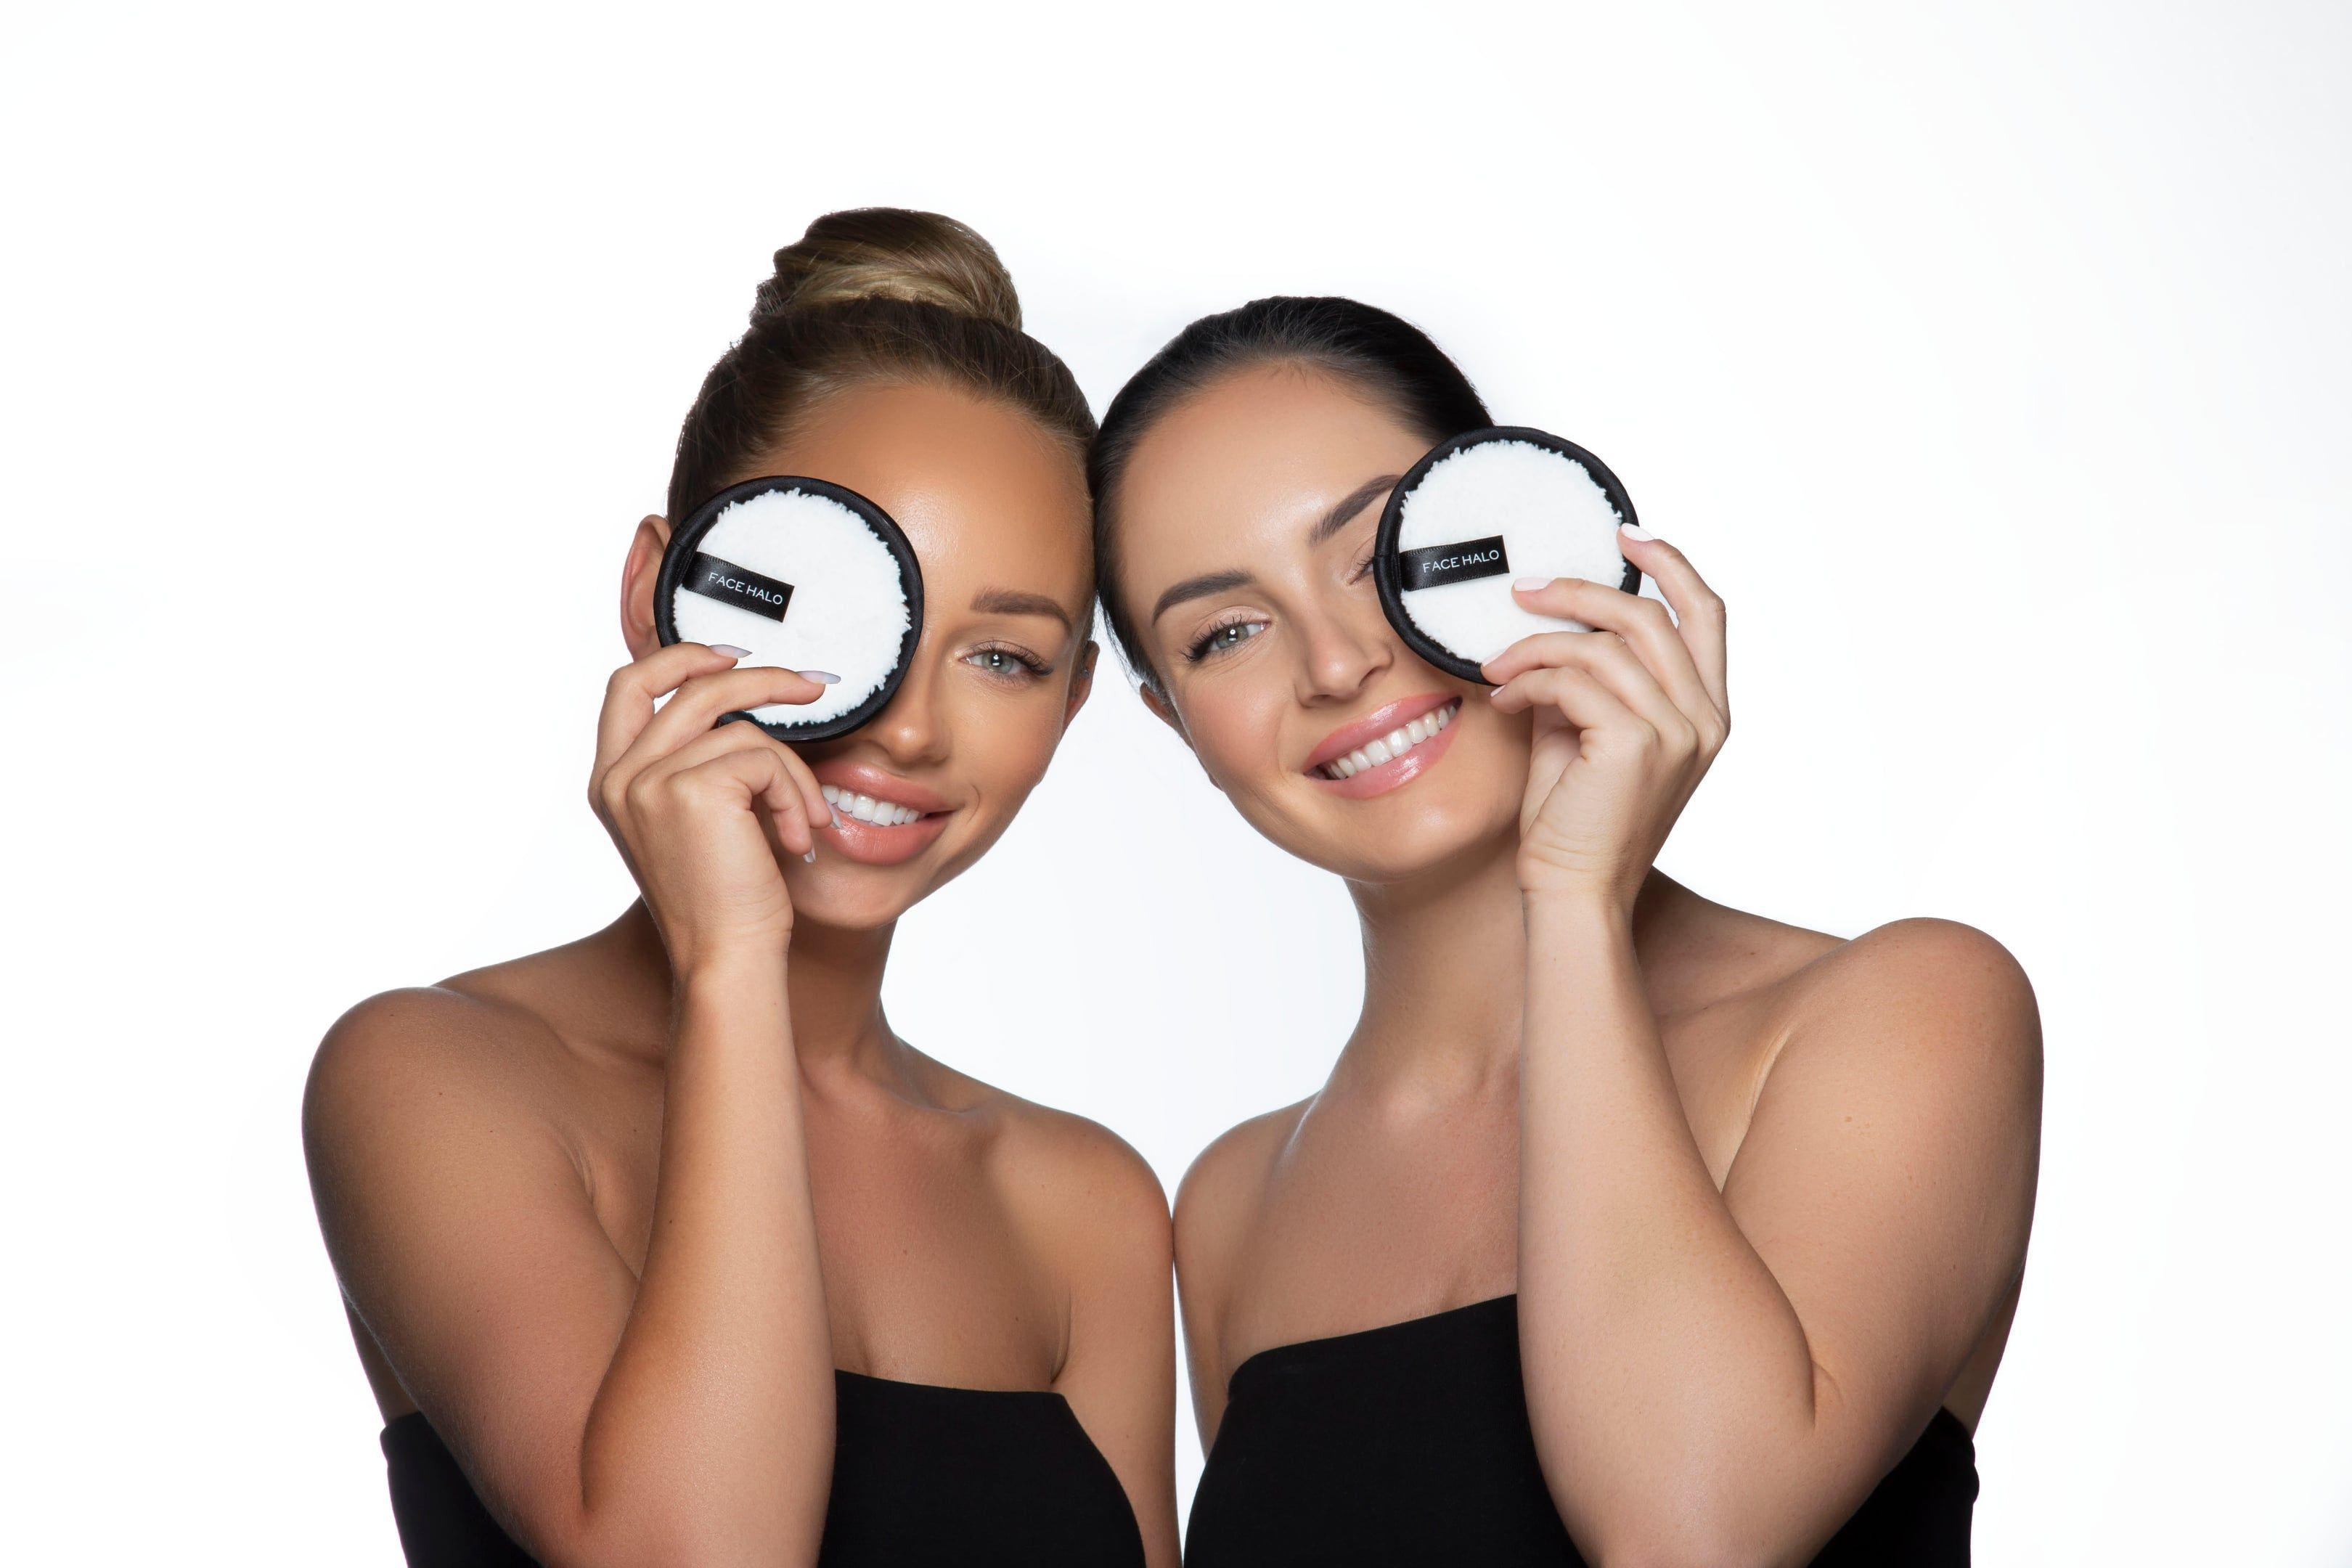 Face Halo vs Makeup Wipes Makeup wipes, Makeup vs no